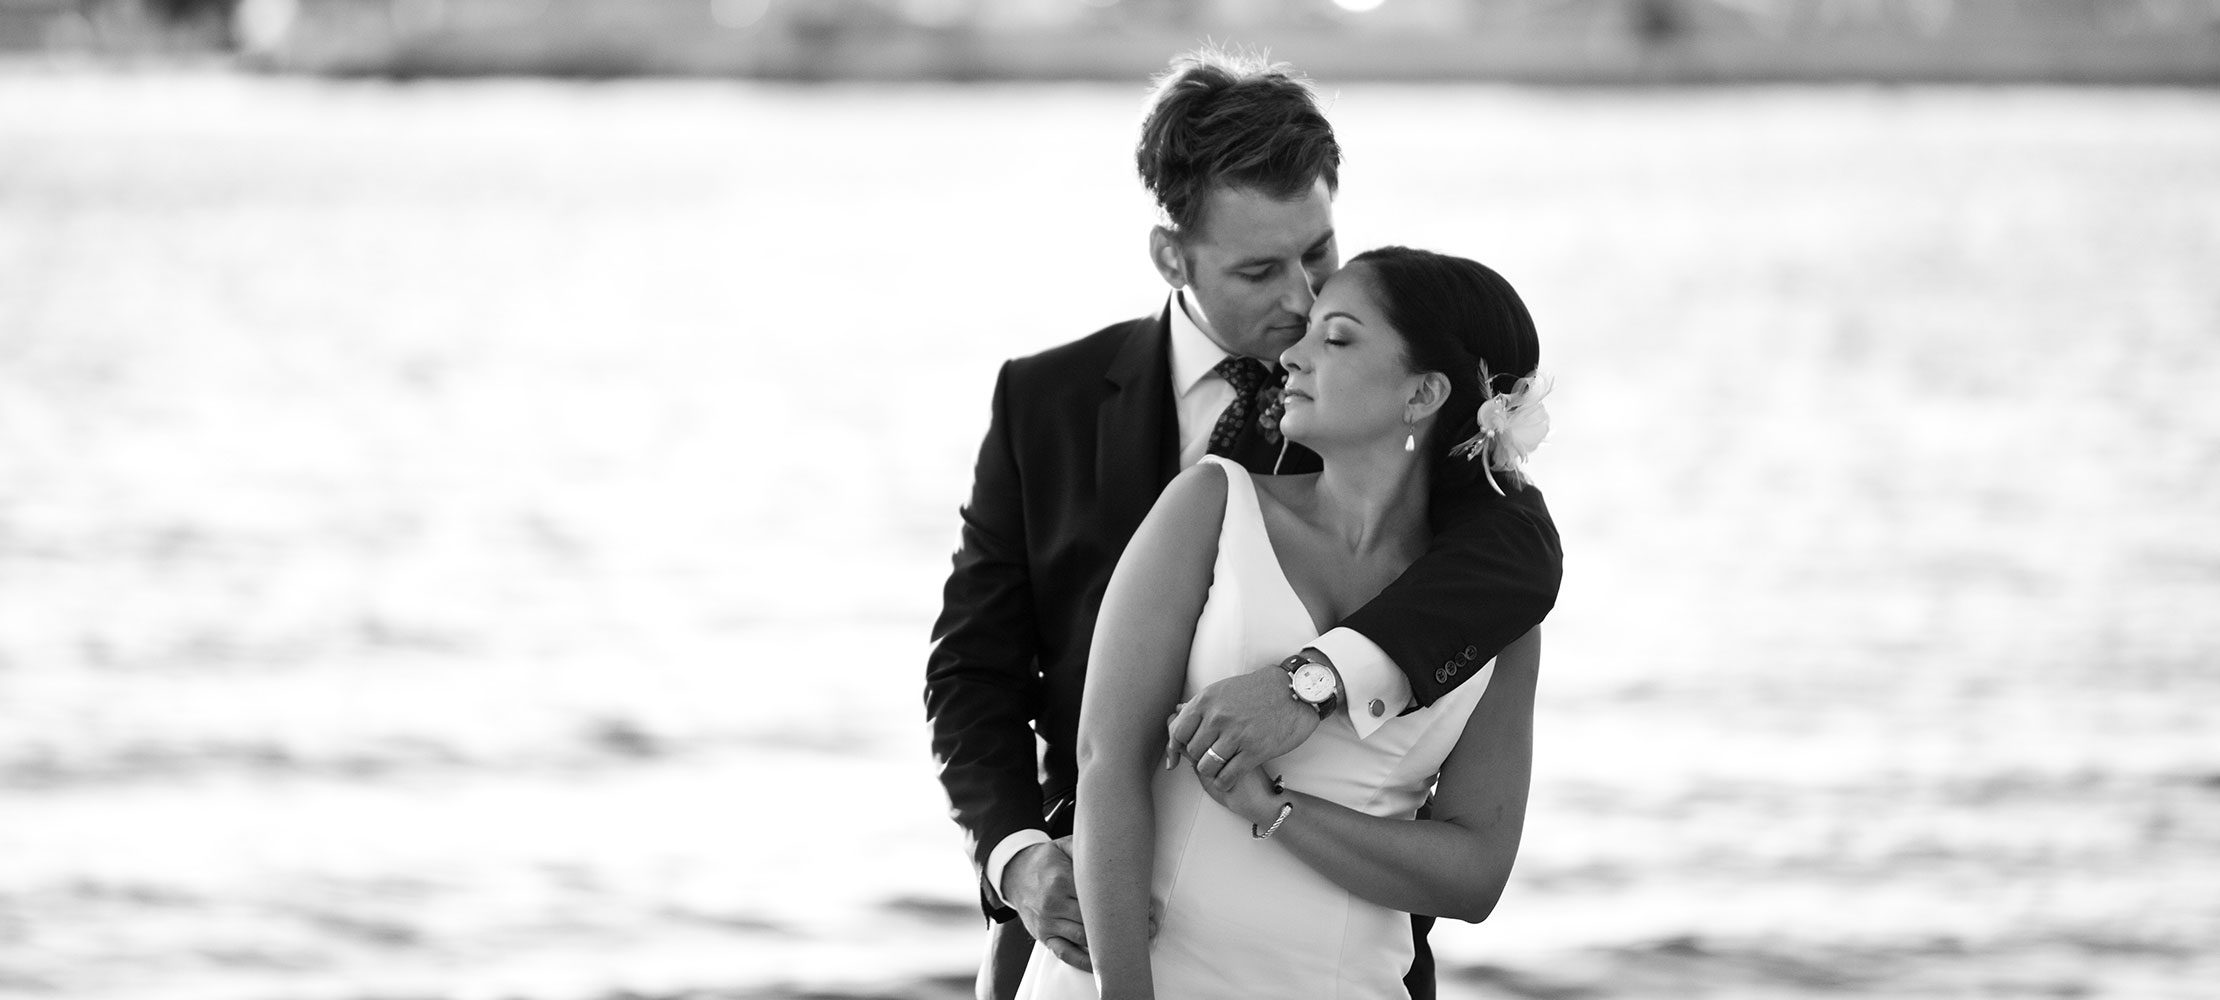 Hochzeitsreportage-Eileen-Maes-Athen-1